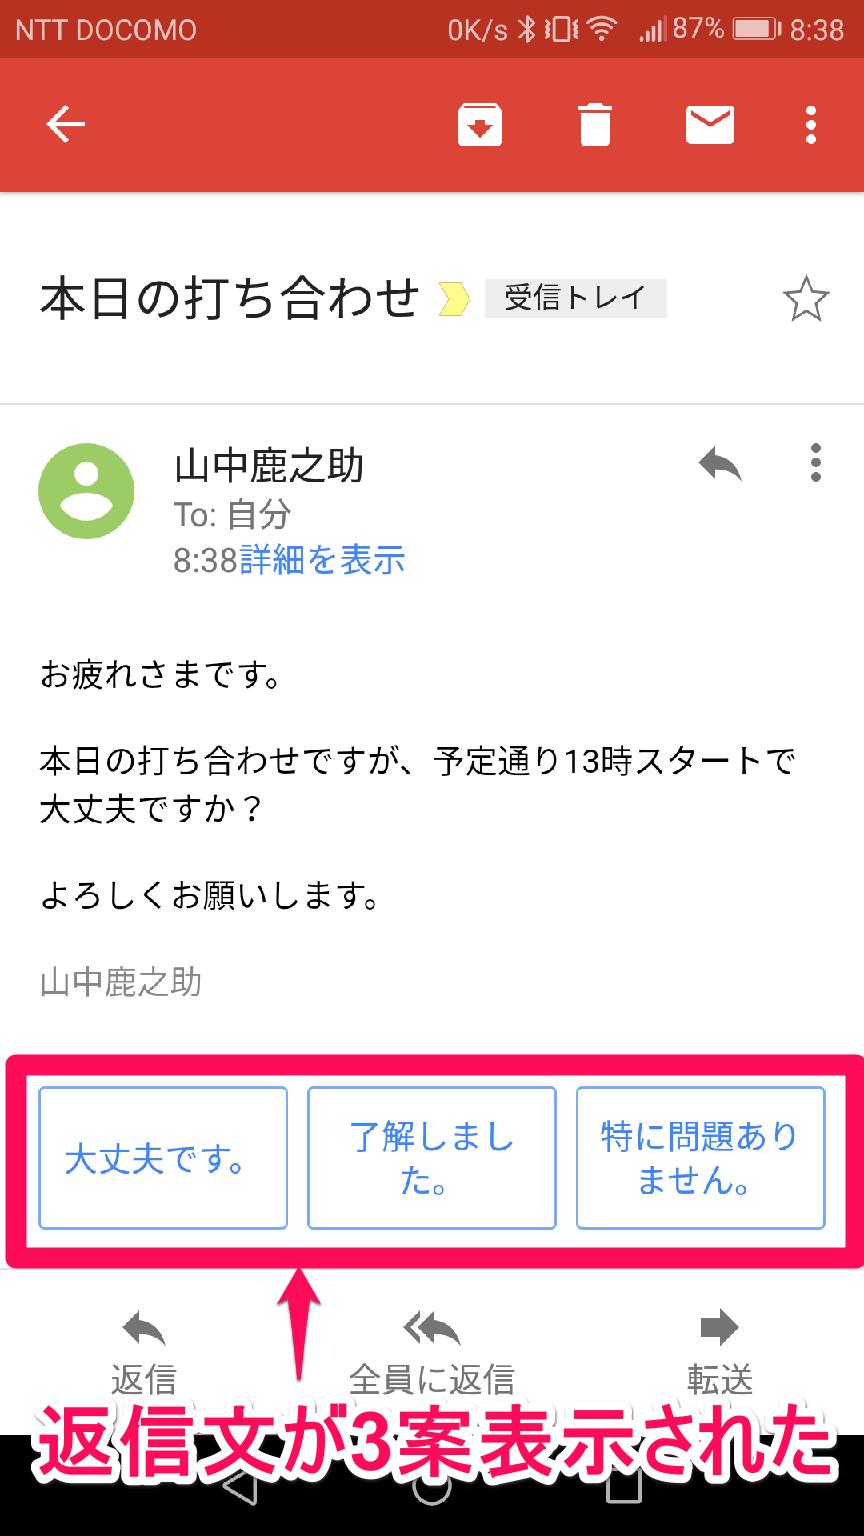 Gmail(ジーメール)の受信画面にSmart Reply(スマートリプライ)の候補が表示されている画面